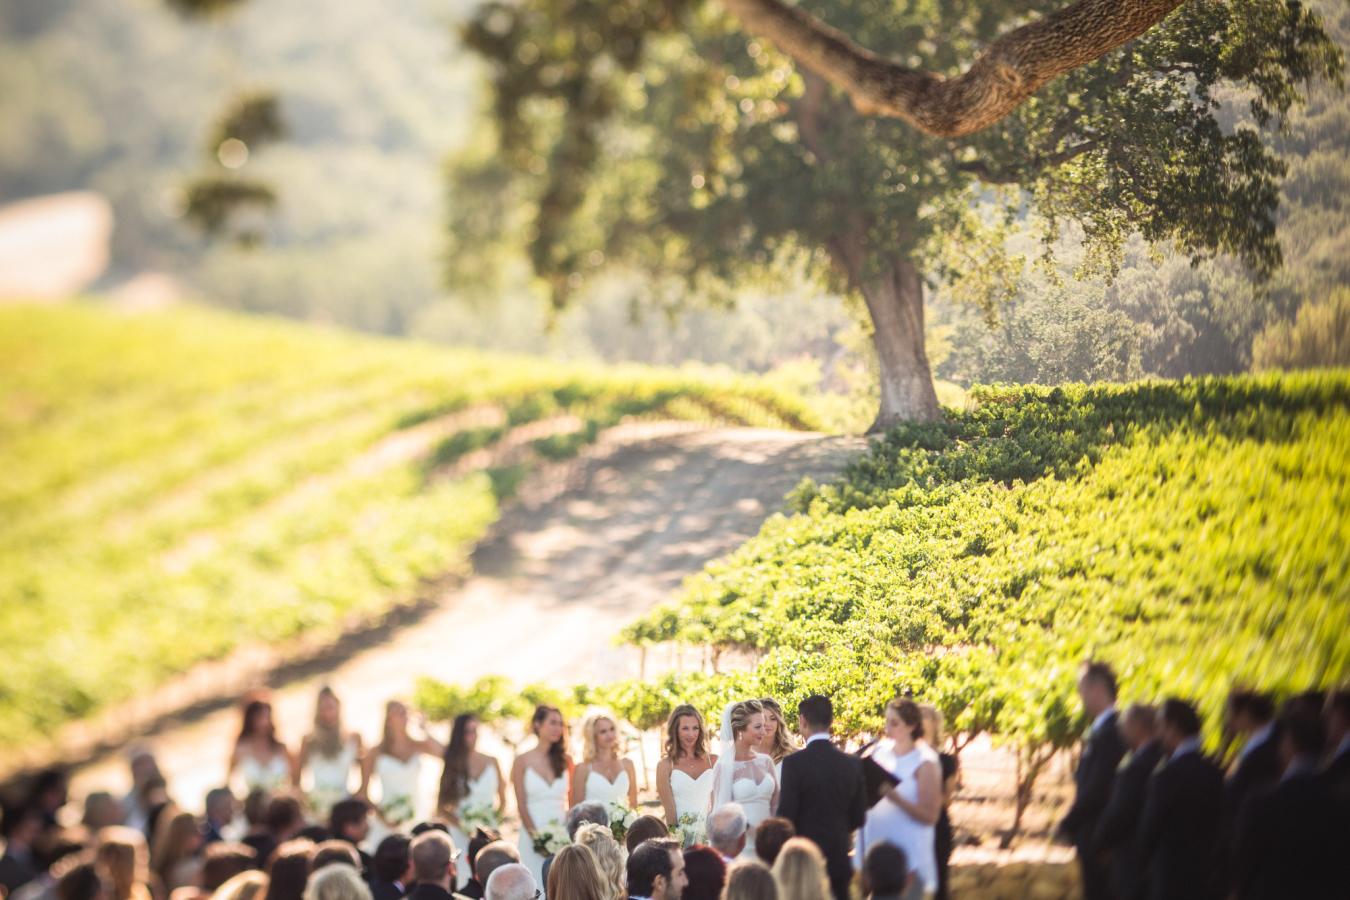 vinyardwedding5.jpg